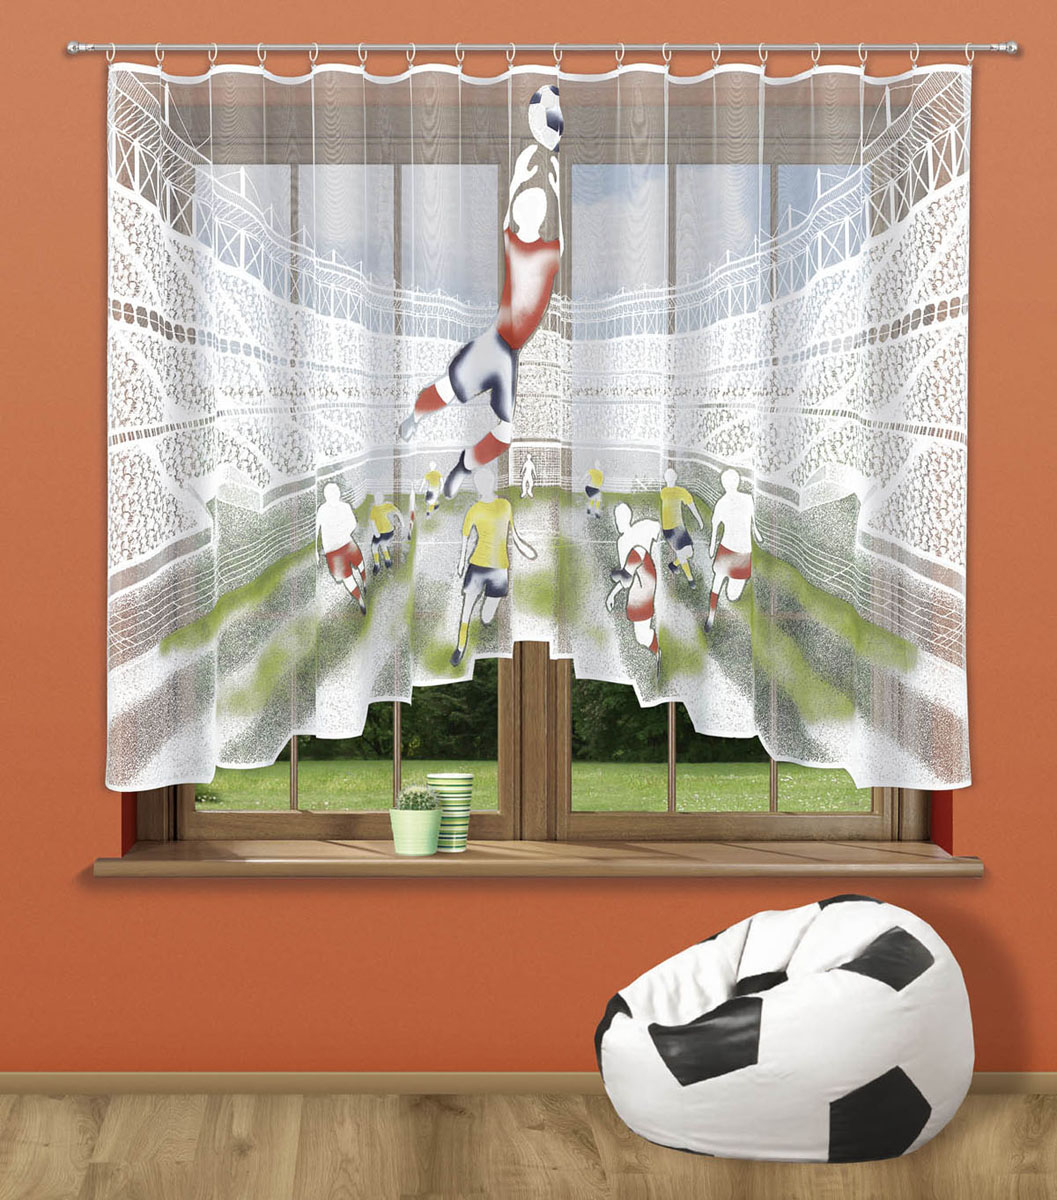 Гардина Stadion, цвет: белый, высота 150 см10503Гардина Stadion, изготовленная из полиэстера белого цвета, станет изюминкой интерьера вашей комнаты. Оригинальный принт в виде футболистов на стадионе привлечет к себе внимание и органично впишется в интерьер комнаты. Верхняя часть гардины не оснащена креплениями. Характеристики:Материал: 100% полиэстер. Размер упаковки:27 см х 34 см х 1,5 см. Артикул: 723560.В комплект входит:Гардина - 1 шт. Размер (Ш х В): 300 см х 150 см. Фирма Wisan на польском рынке существует уже более пятидесяти лет и является одной из лучших польских фабрик по производству штор и тканей. Ассортимент фирмы представлен готовыми комплектами штор для гостиной, детской, кухни, а также текстилем для кухни (скатерти, салфетки, дорожки, кухонные занавески). Модельный ряд отличает оригинальный дизайн, высокое качество. Ассортимент продукции постоянно пополняется.